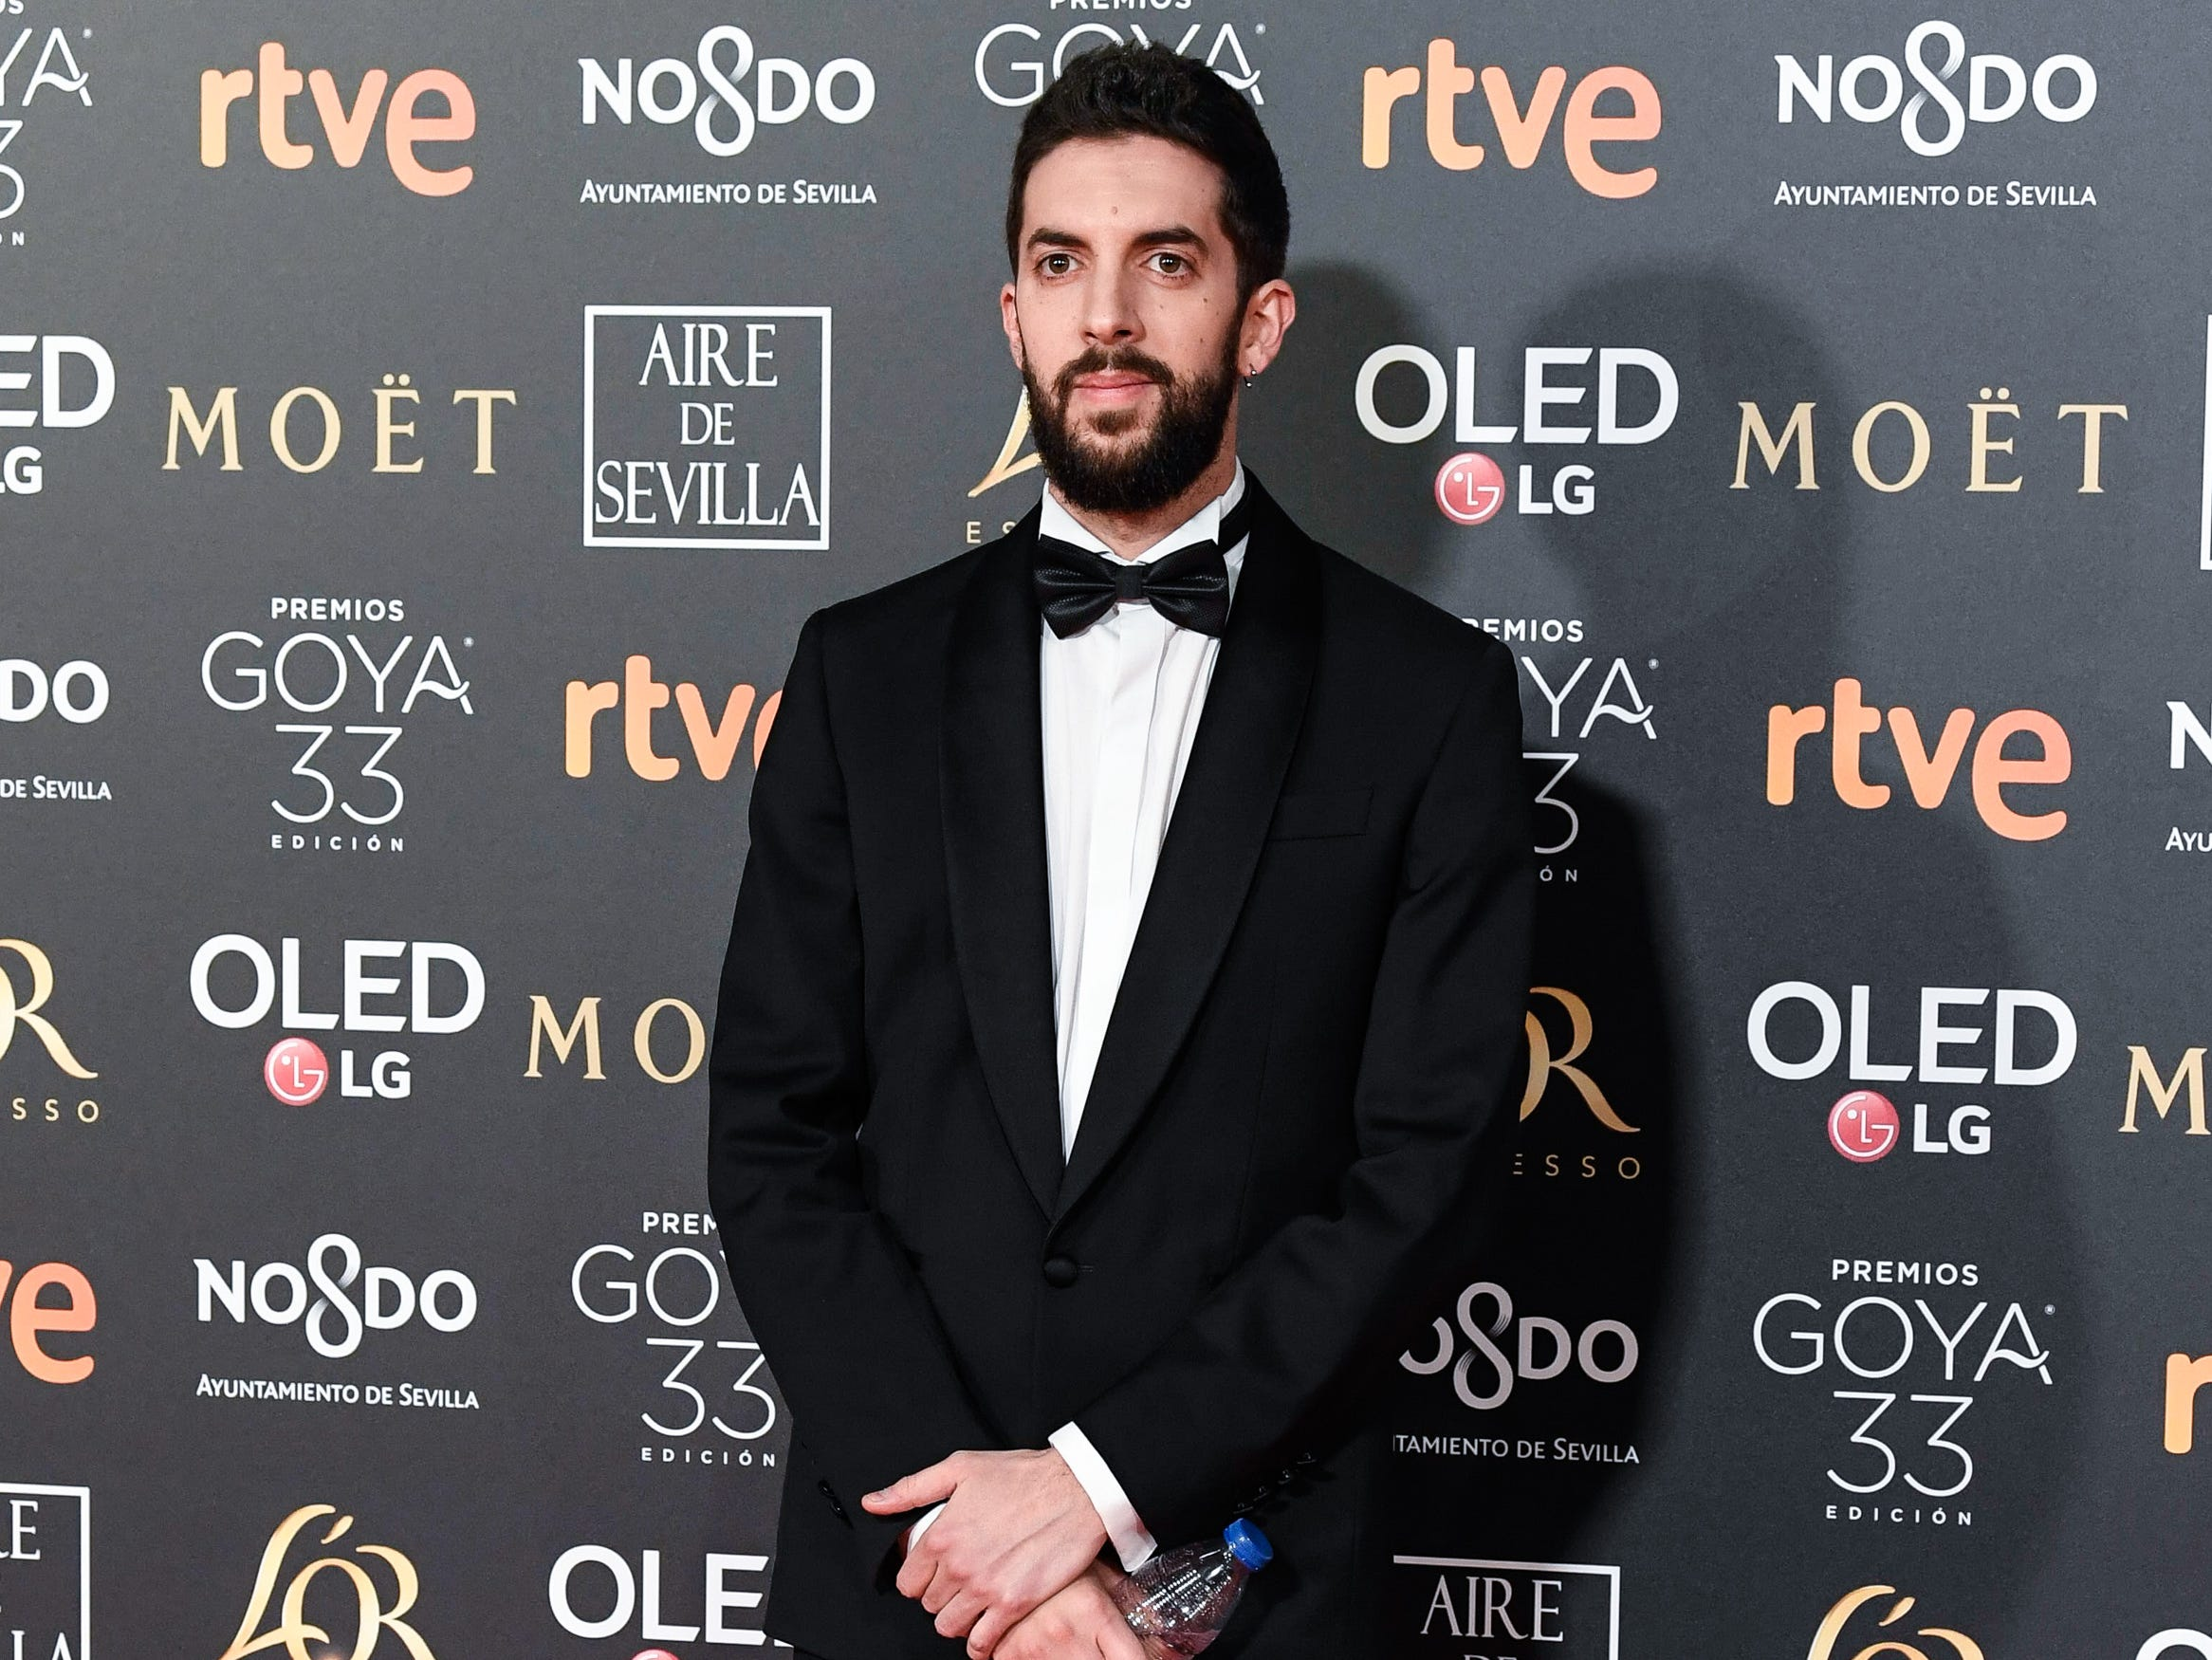 David Broncano asiste a la 33ª edición de los Premios de Cine Goya en el Palacio de Congresos y Exposiciones FIBES el 2 de febrero de 2019 en Sevilla, España.